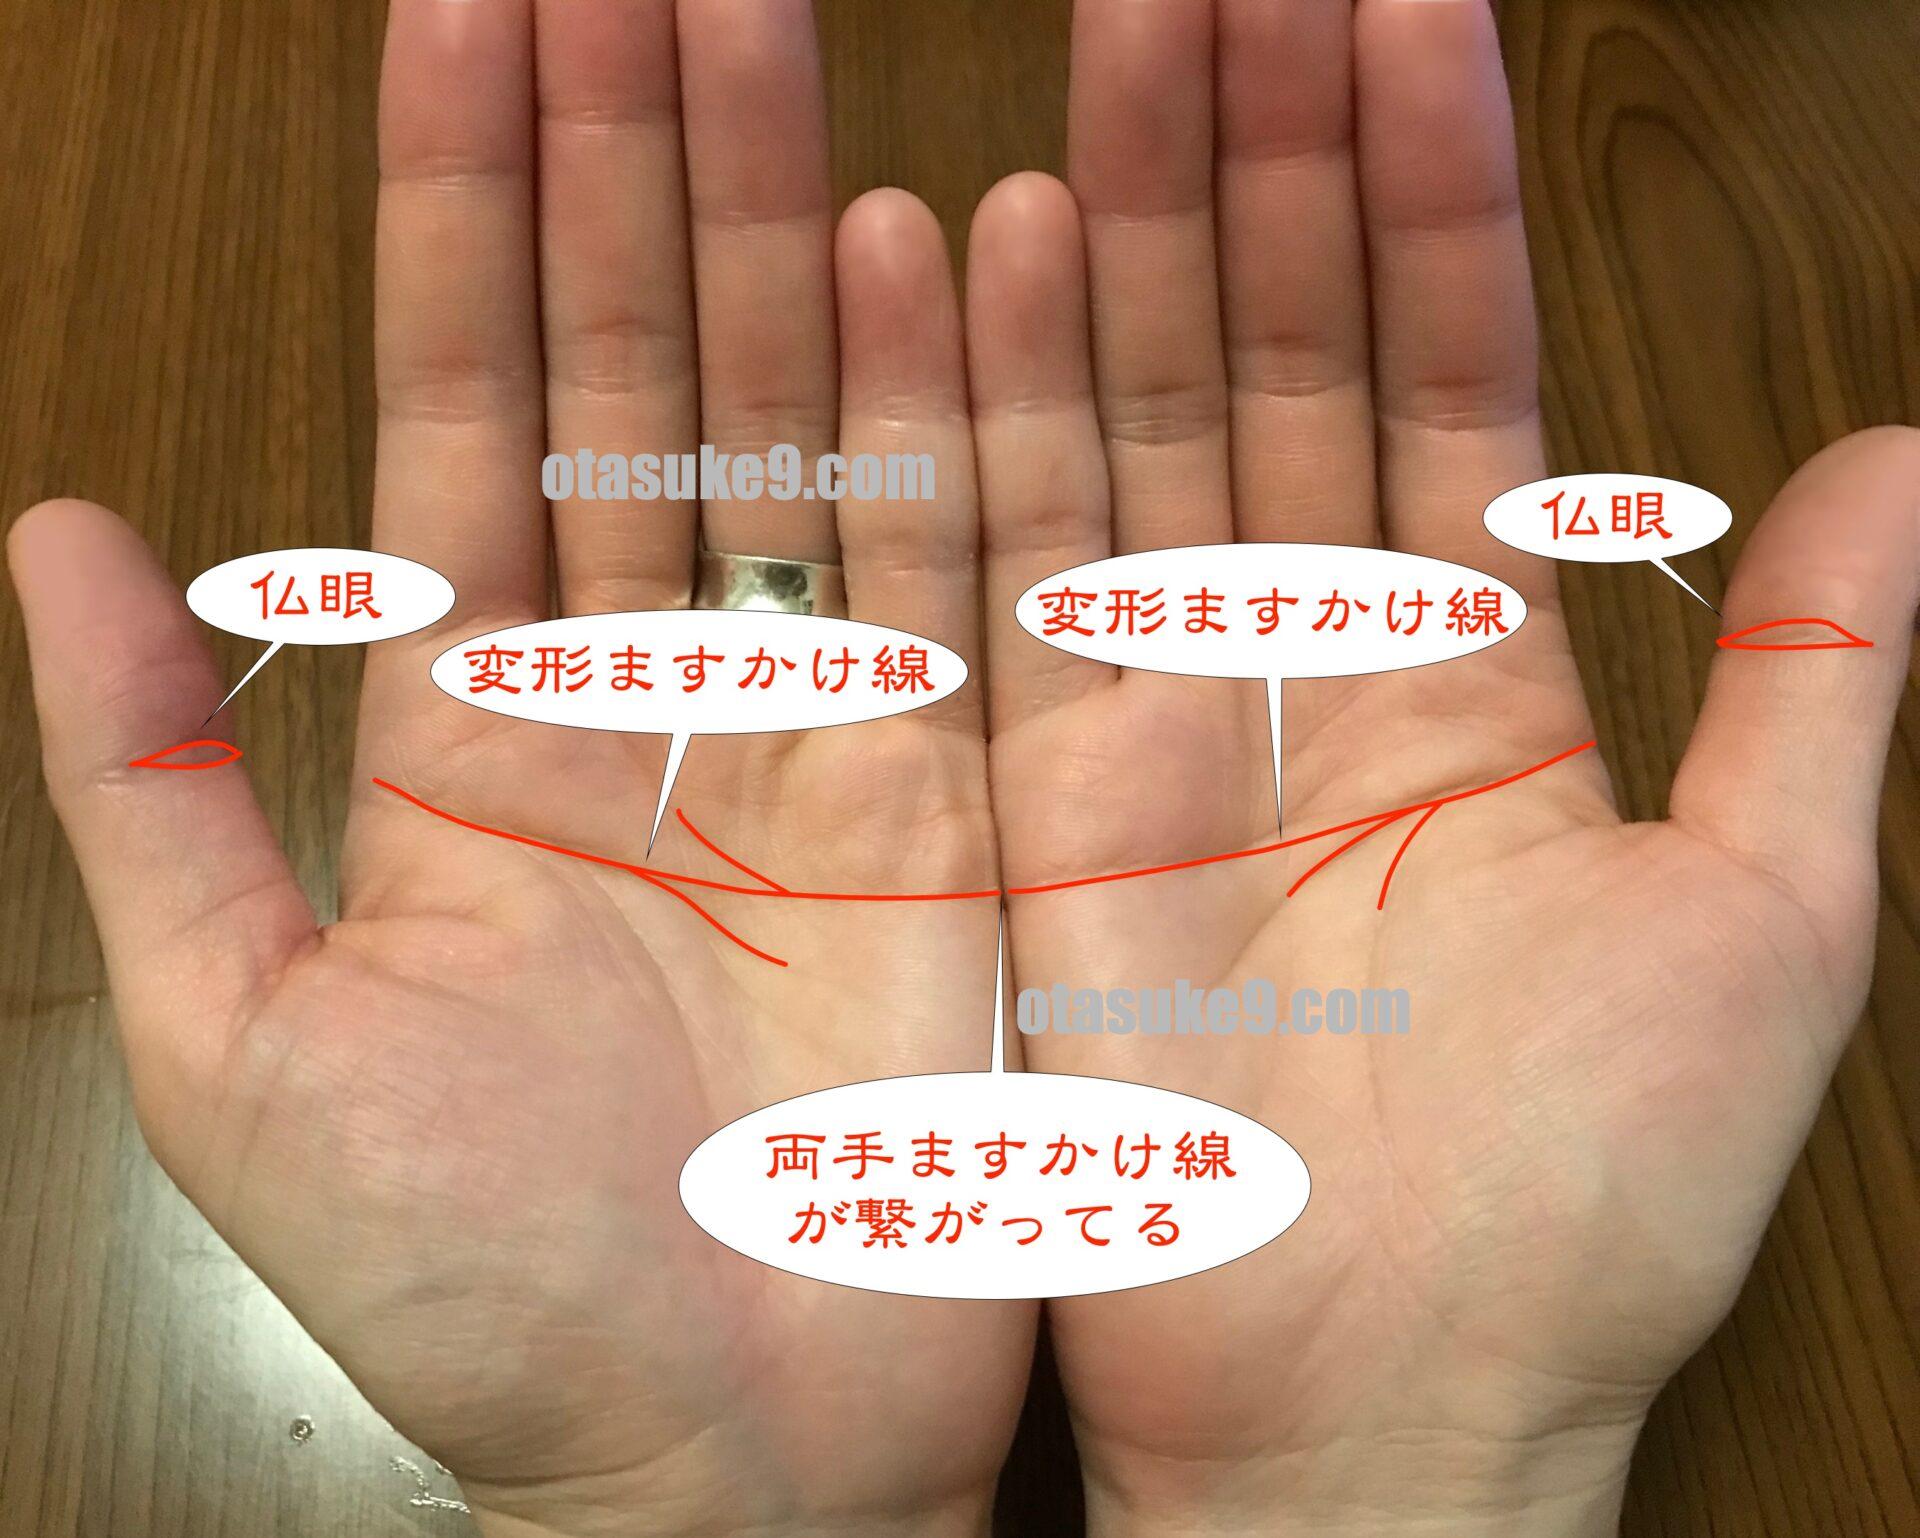 両手ますかけ線が繋がってる,仏眼